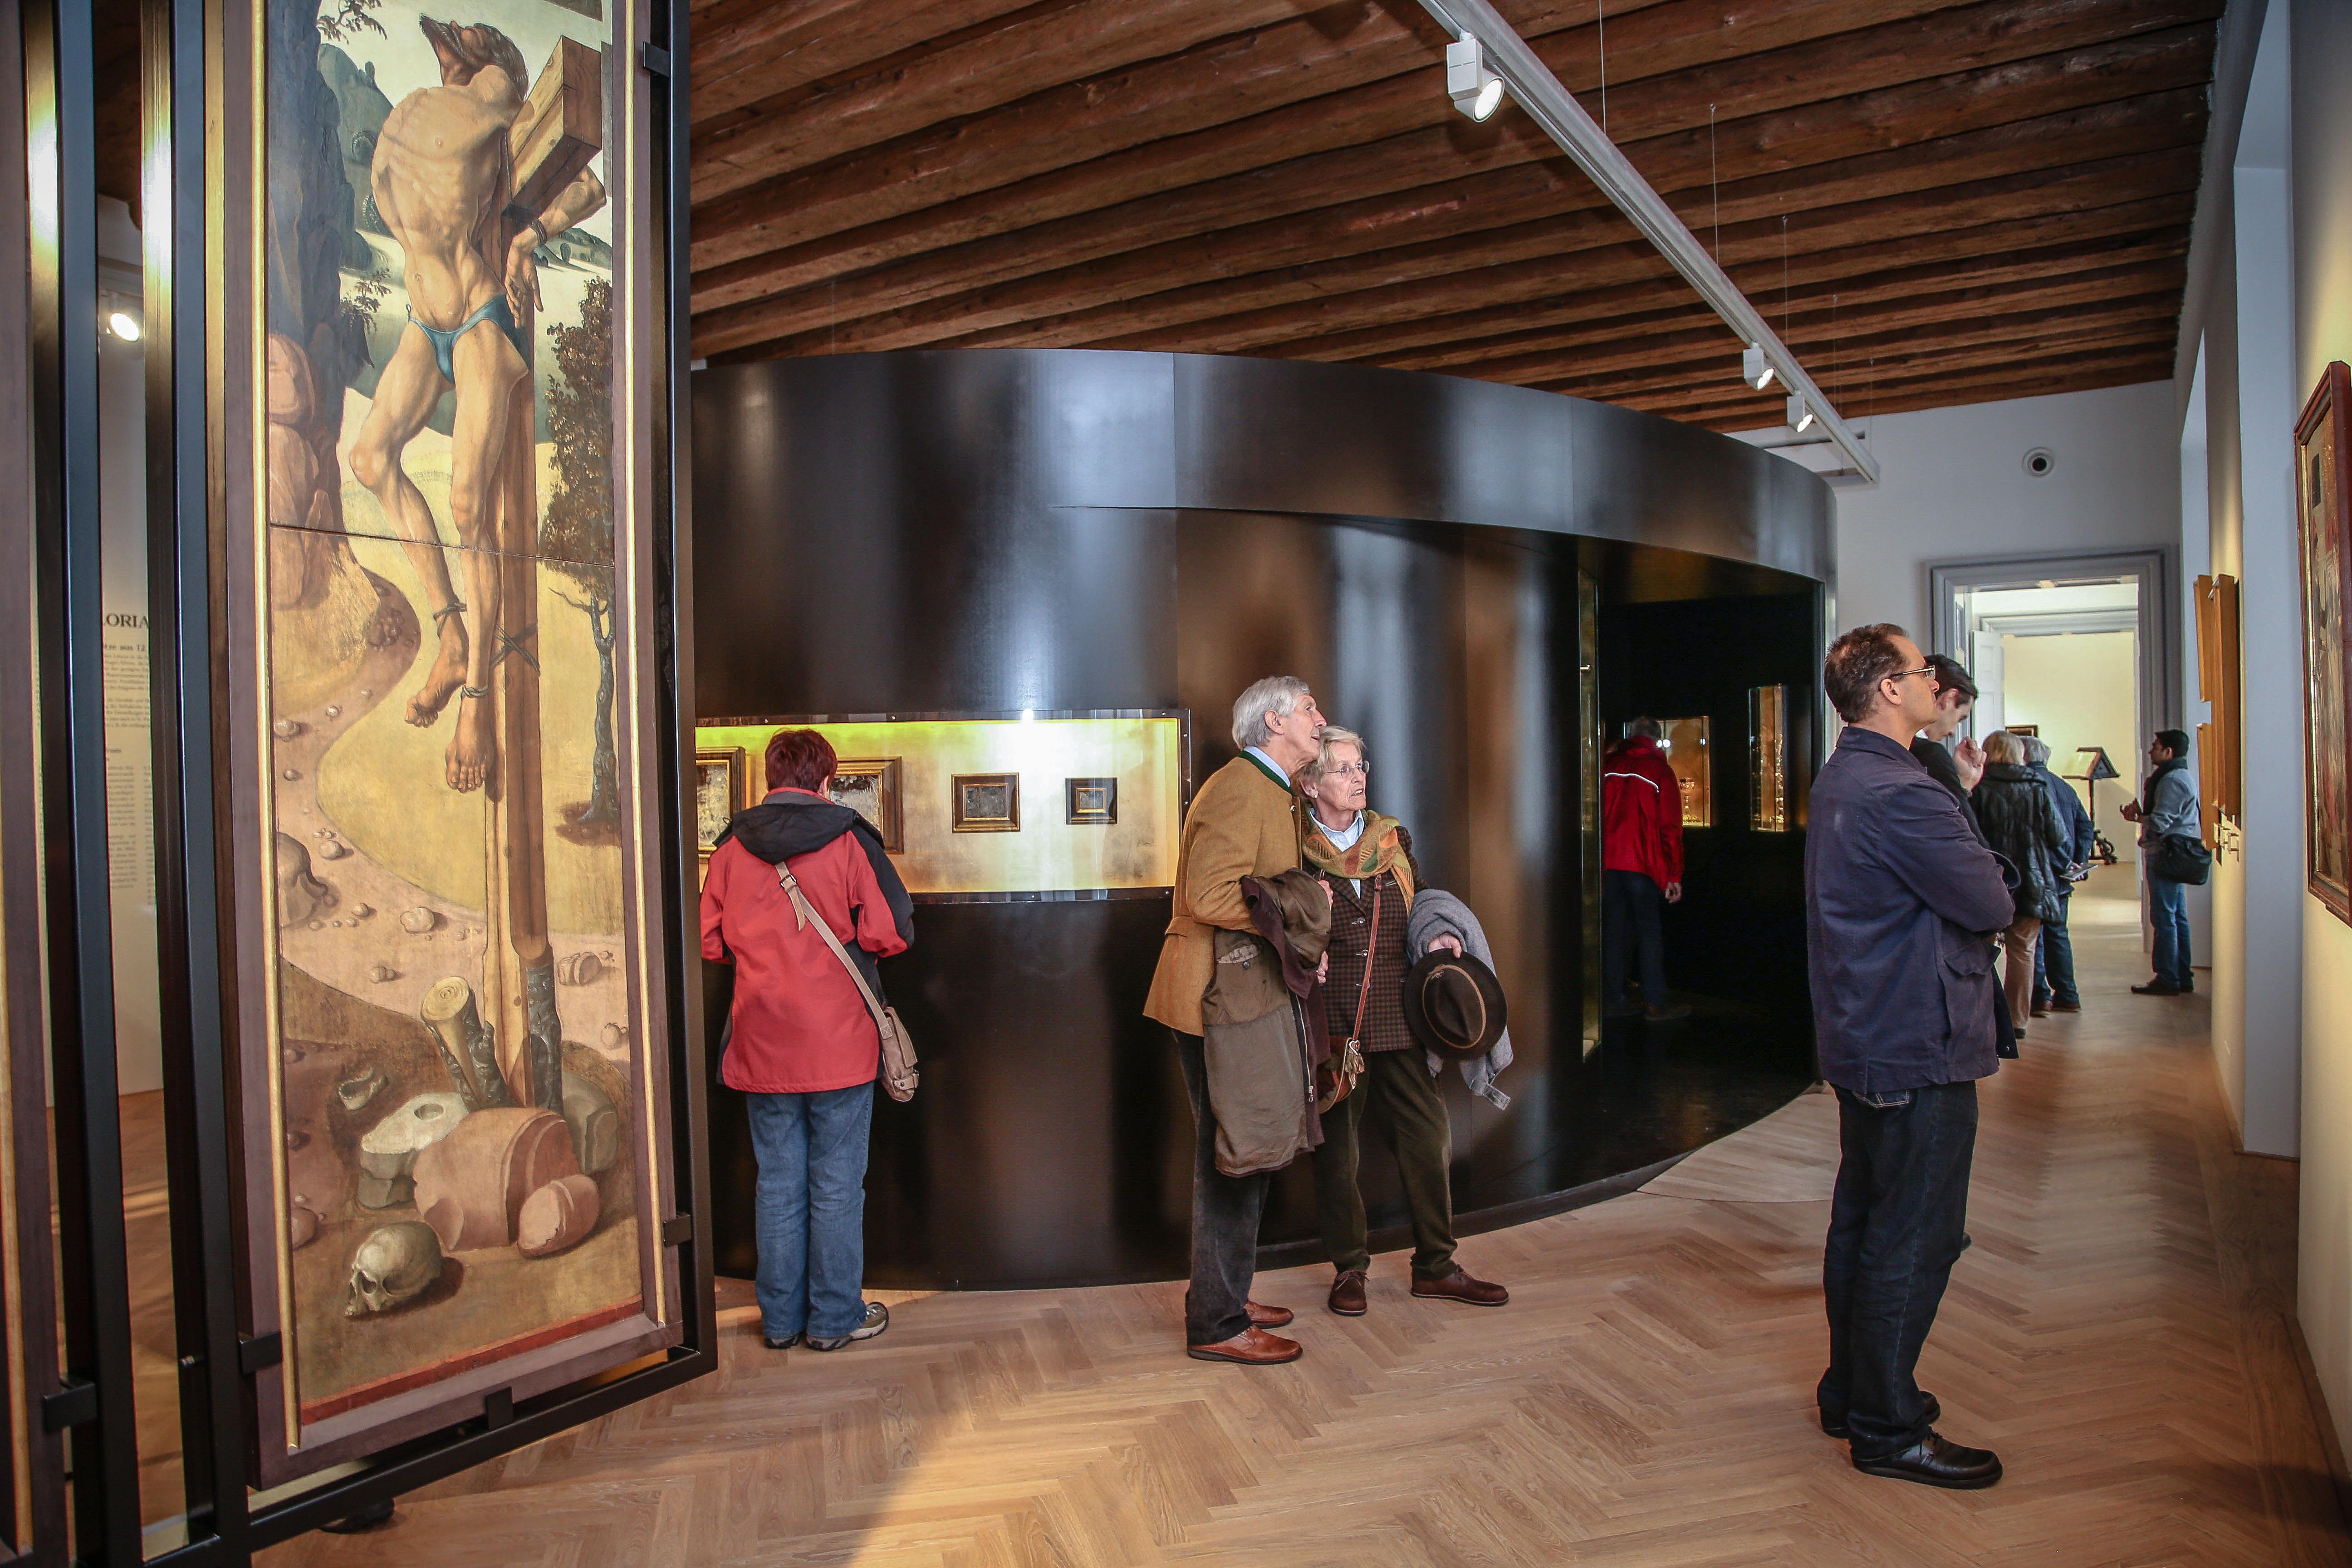 Veranstaltung Tour with a Focus on St. Peter im DomQuartier Salzburg